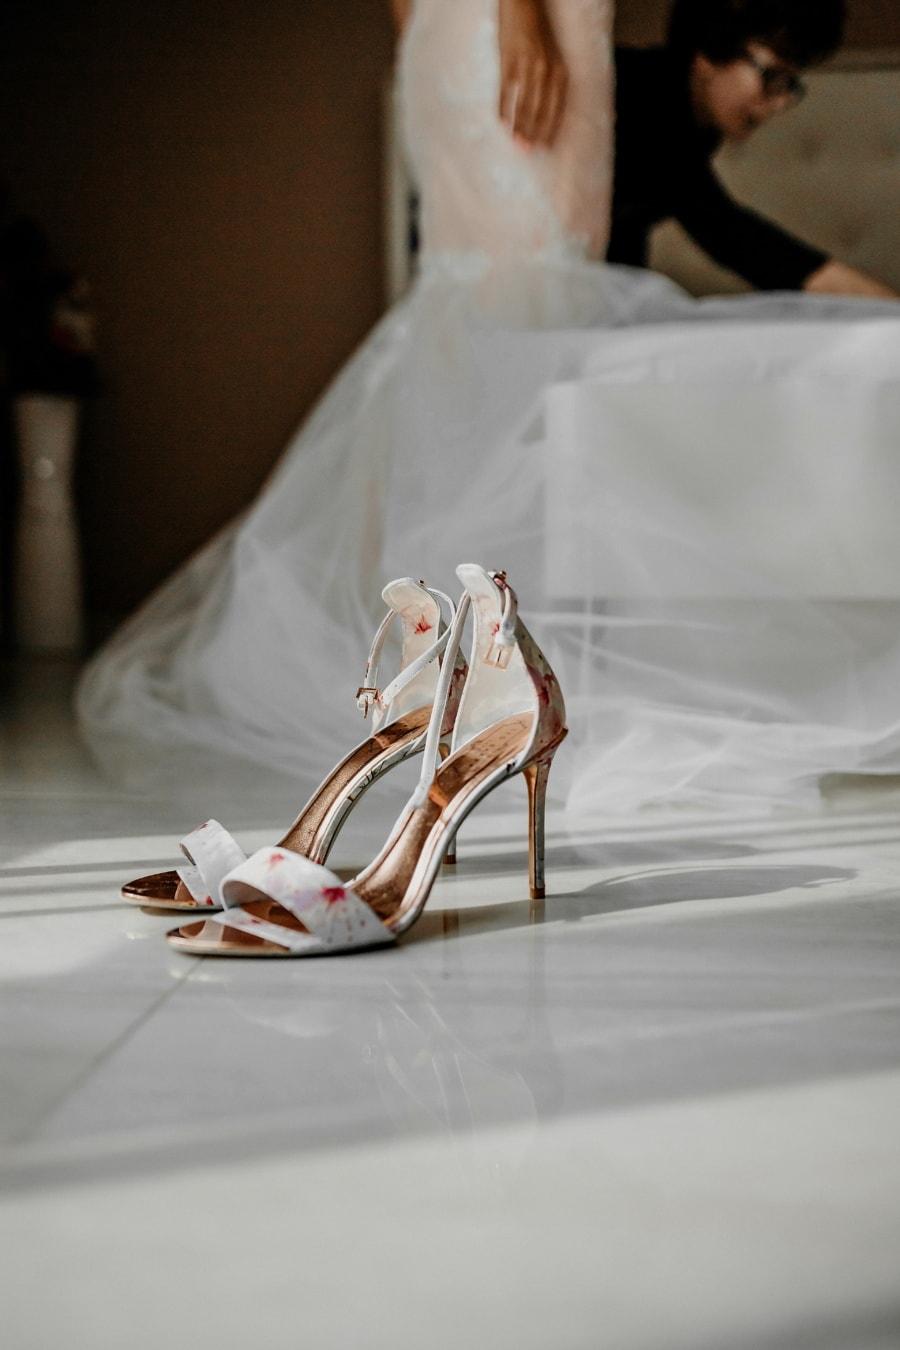 Sandale, Schuhe, Lust auf, Hochzeit, Hochzeitskleid, Braut, Schlafzimmer, Mode, Frau, Mädchen